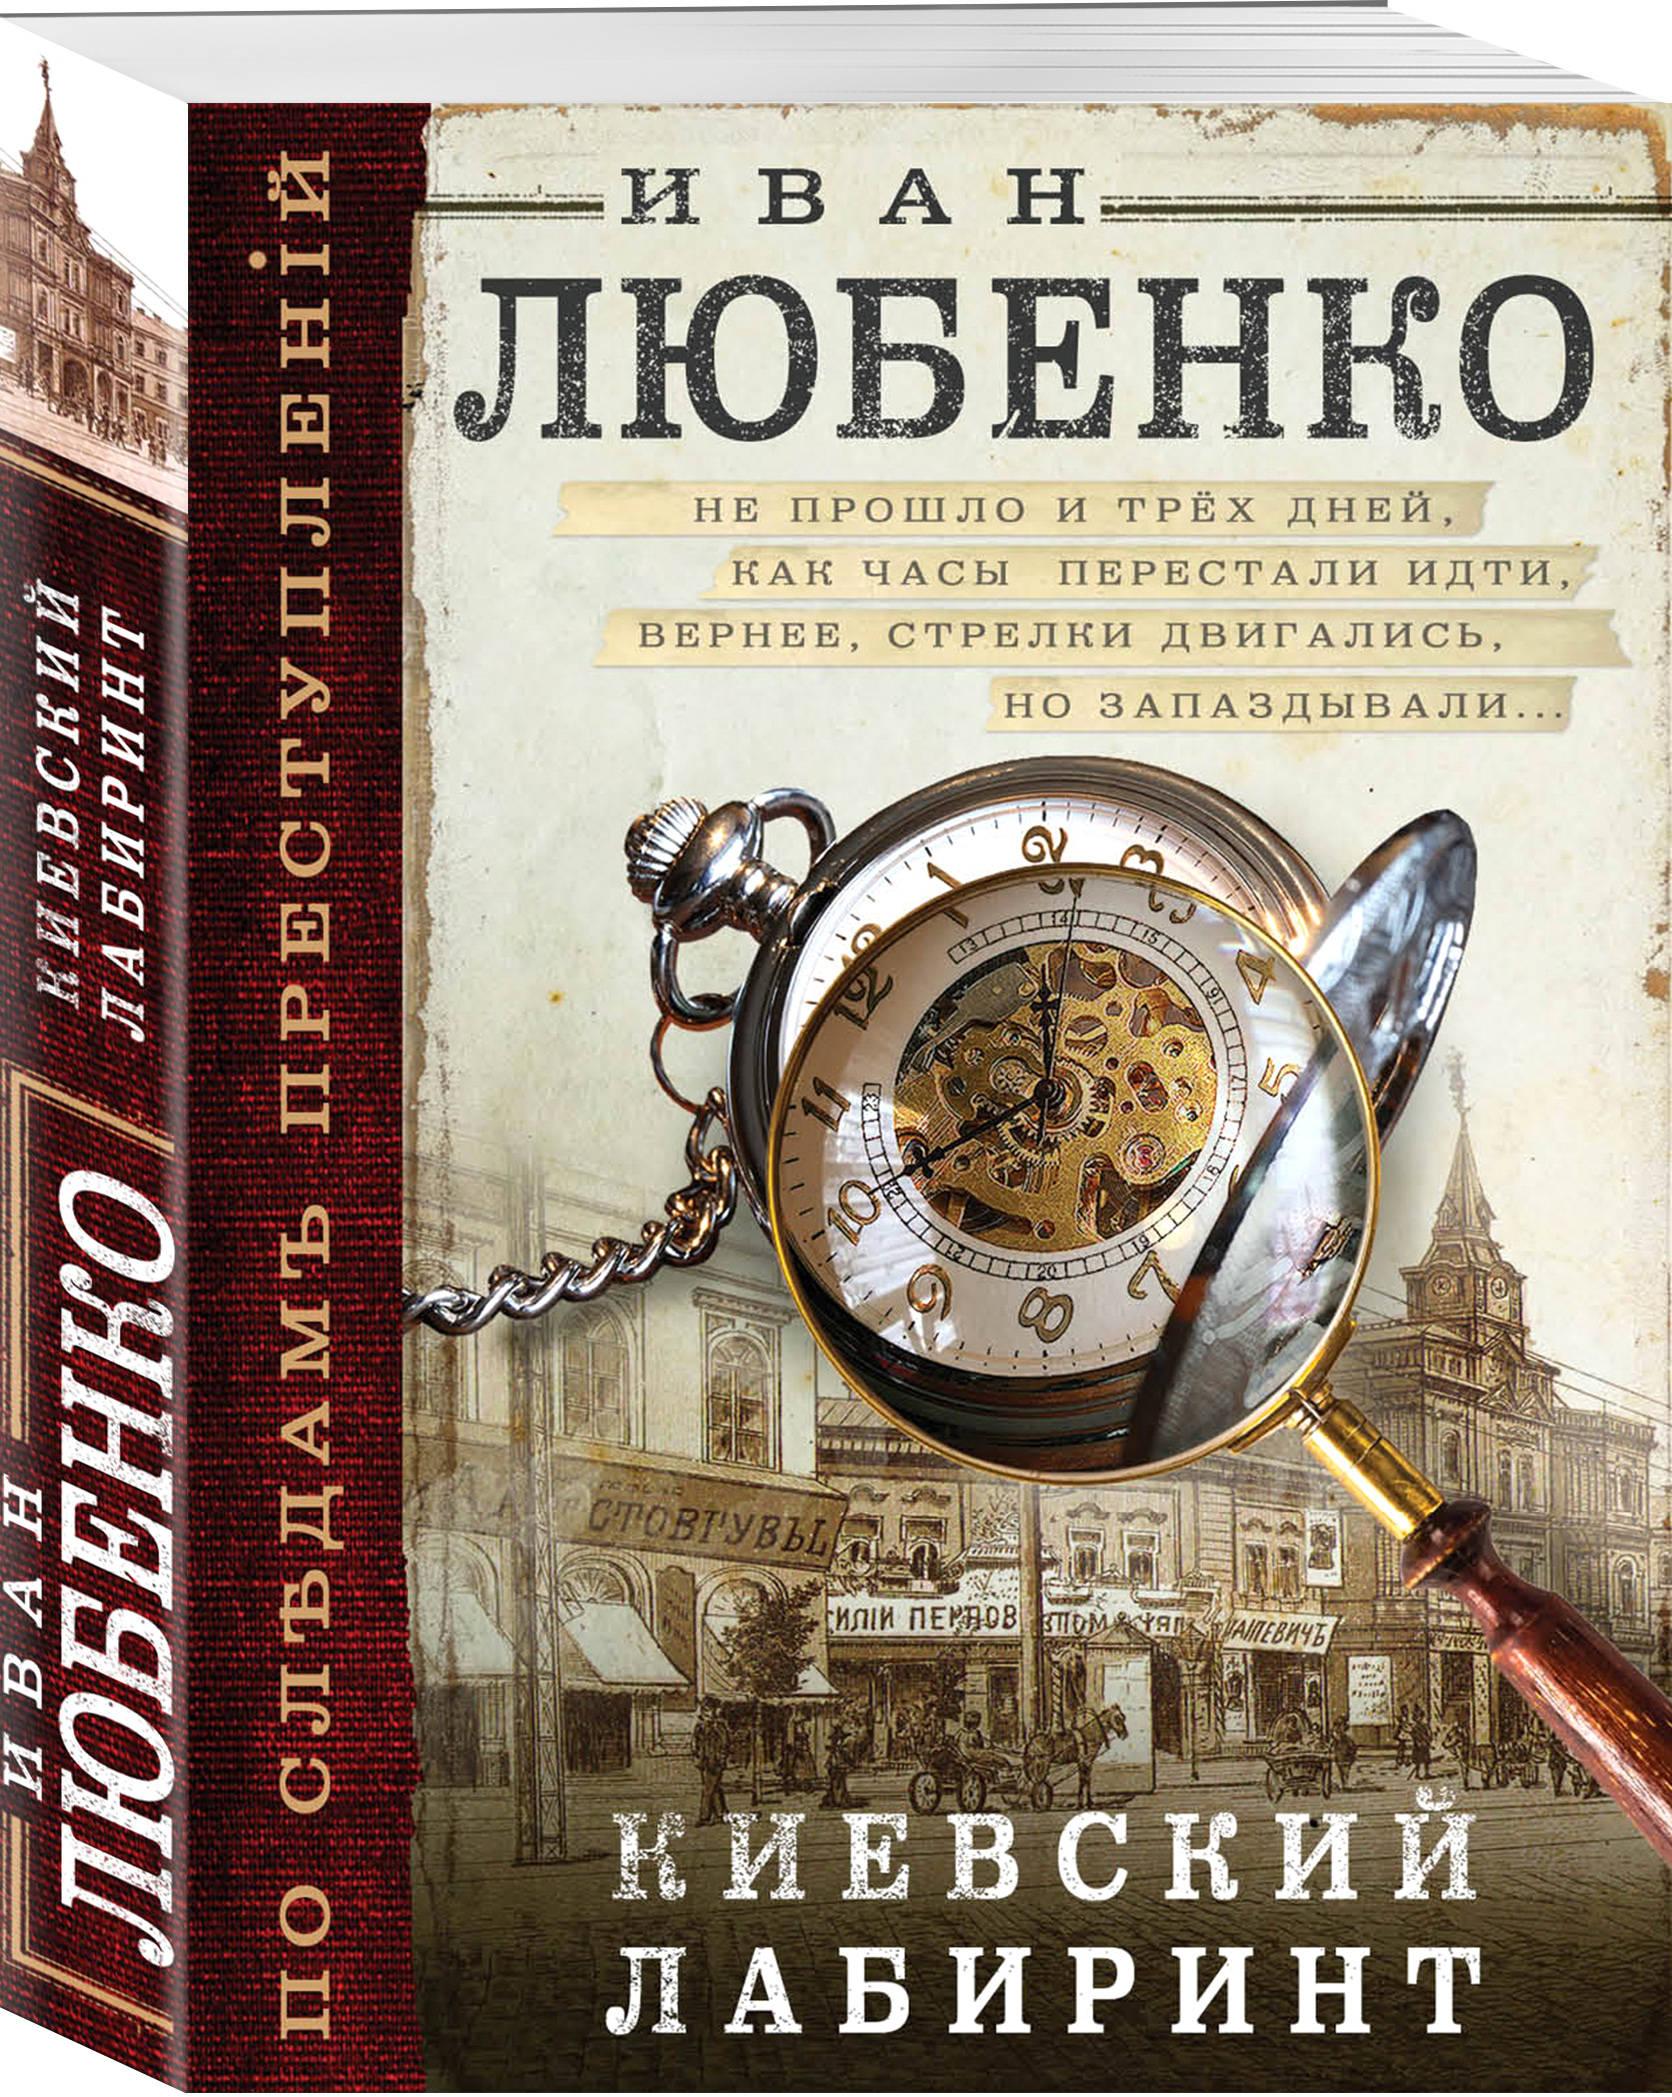 Киевский лабиринт ( Любенко И.И.  )